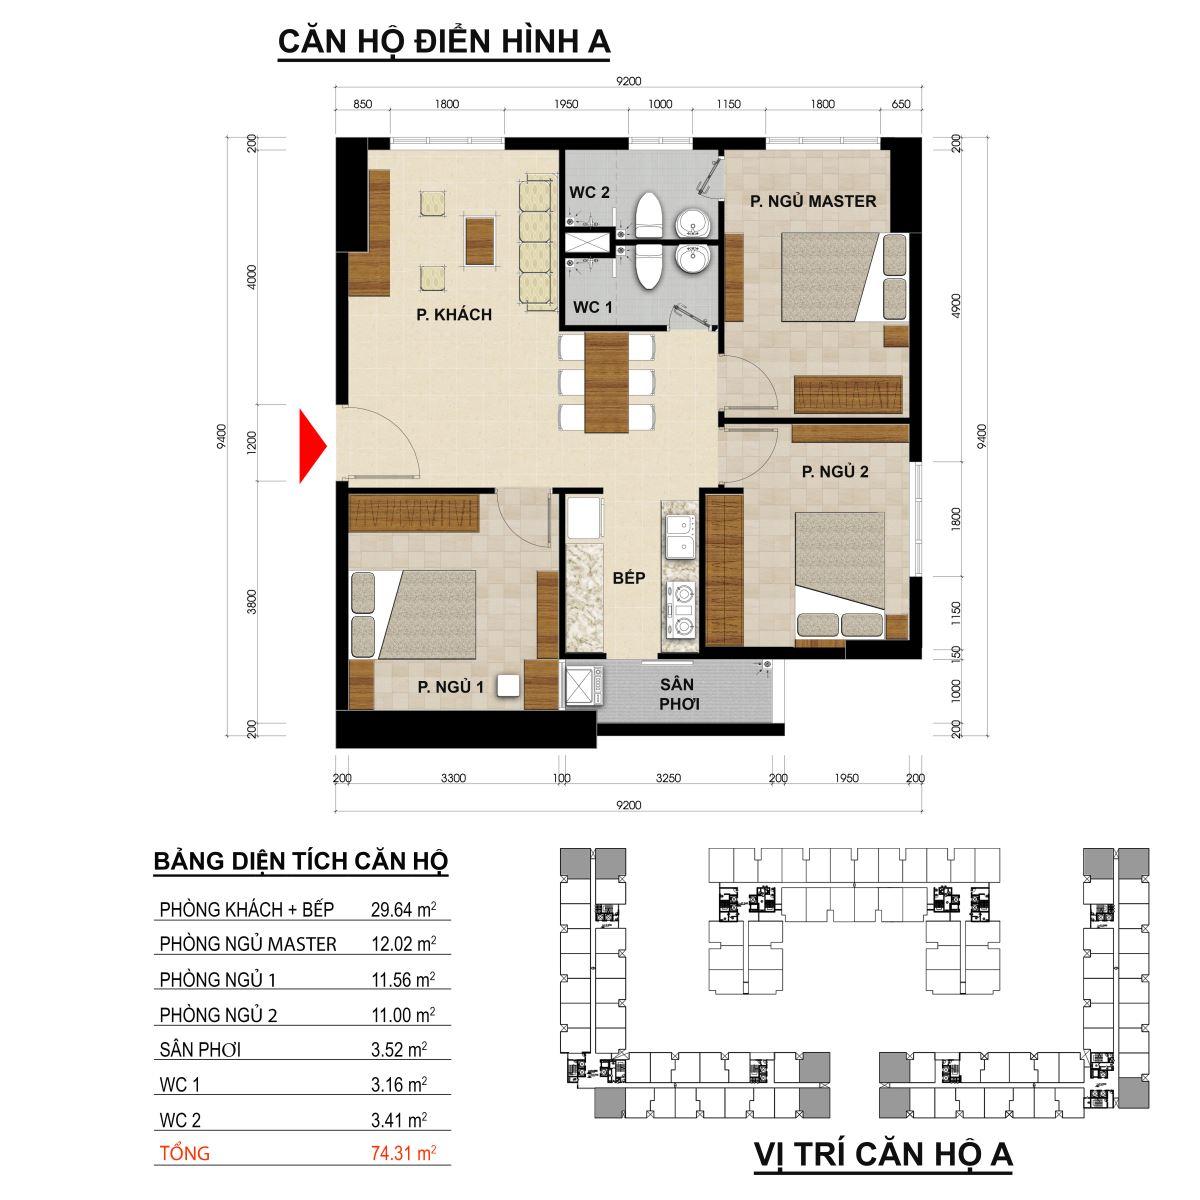 Căn hộ 2 phòng ngủ diện tích 74,31m2